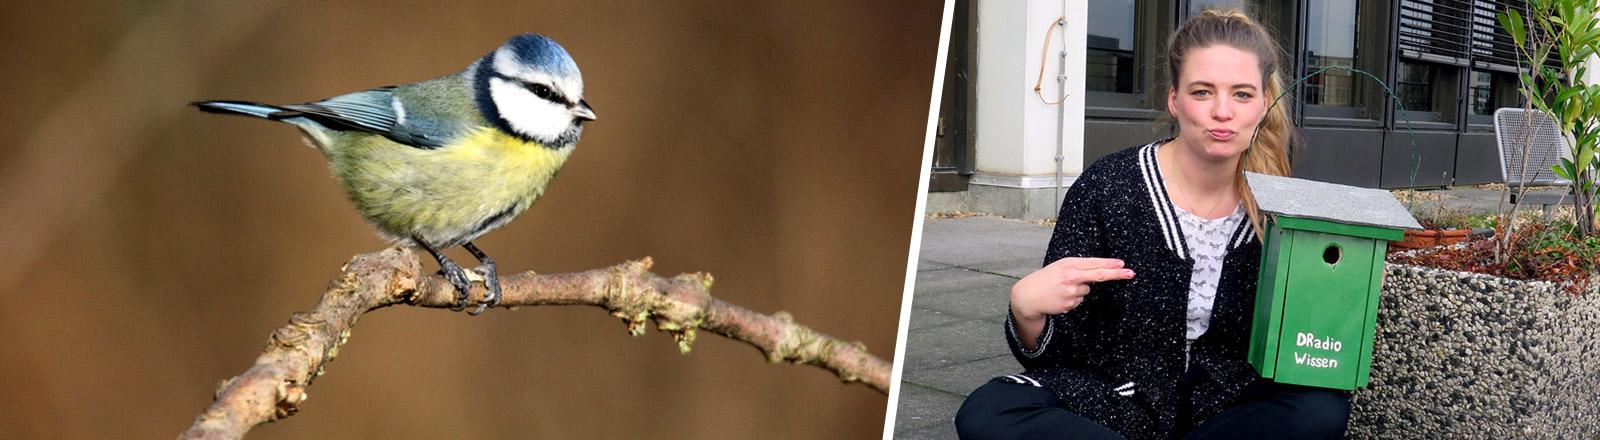 """Rahel Klein hält ein Vogelhäuschen mit der Aufschrift """"DRadio Wissen"""""""